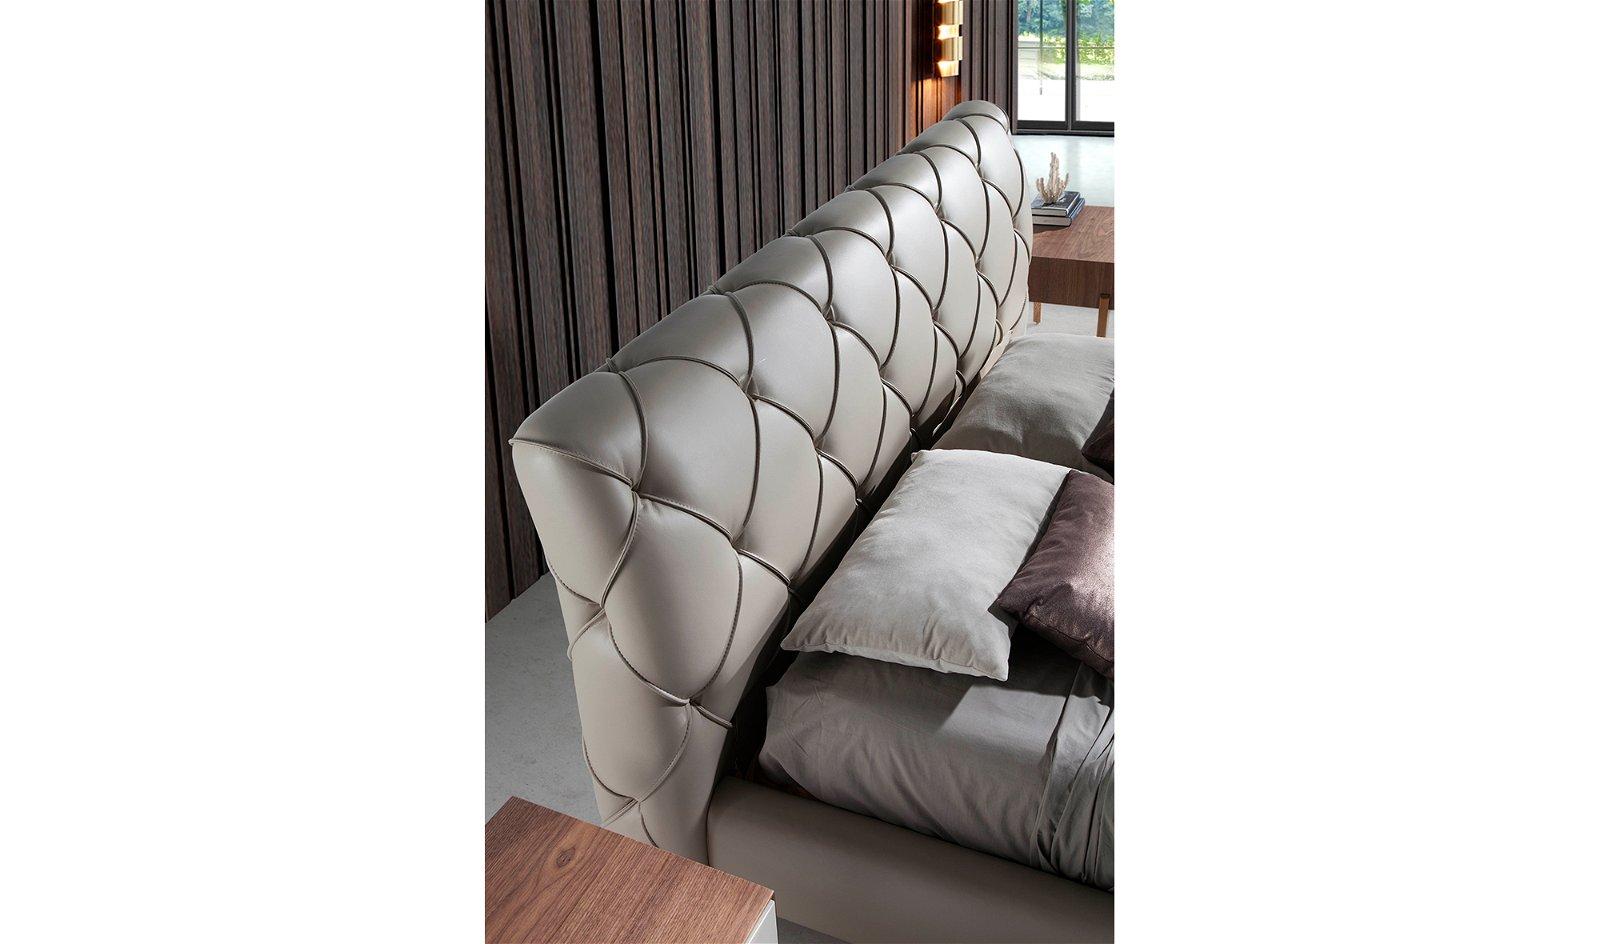 Cama tapizada de diseño italiano Giotto para colchón 180x200